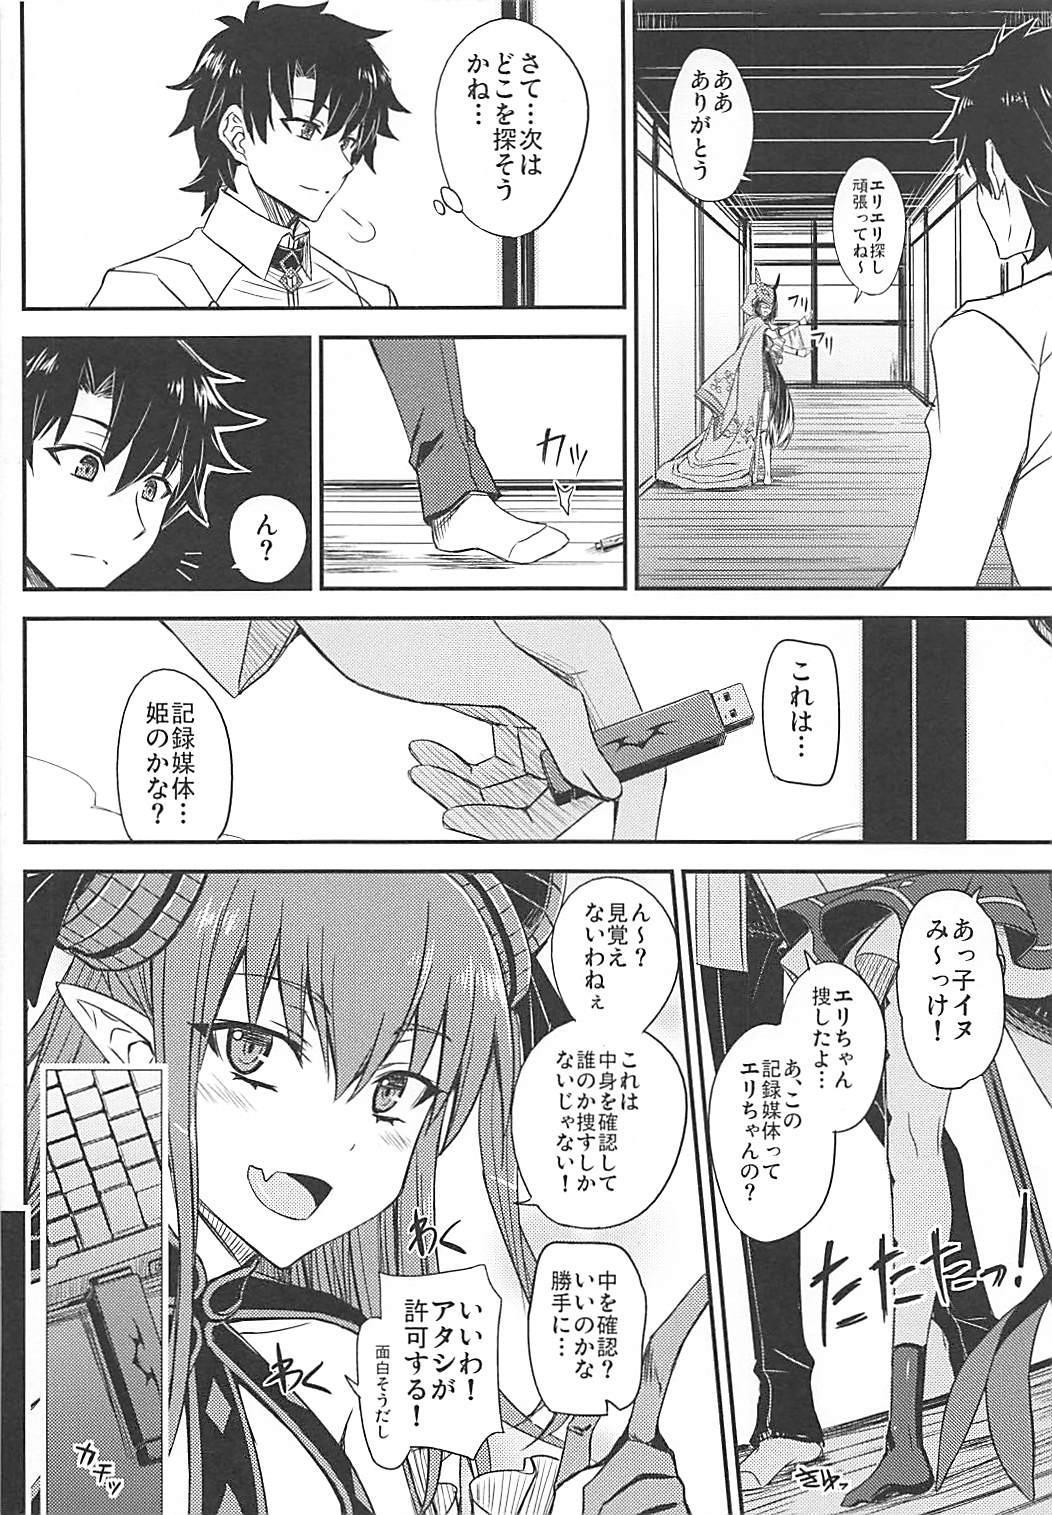 Gacha Hime-sama no Muri no Nai Kakin no Hiketsu 4